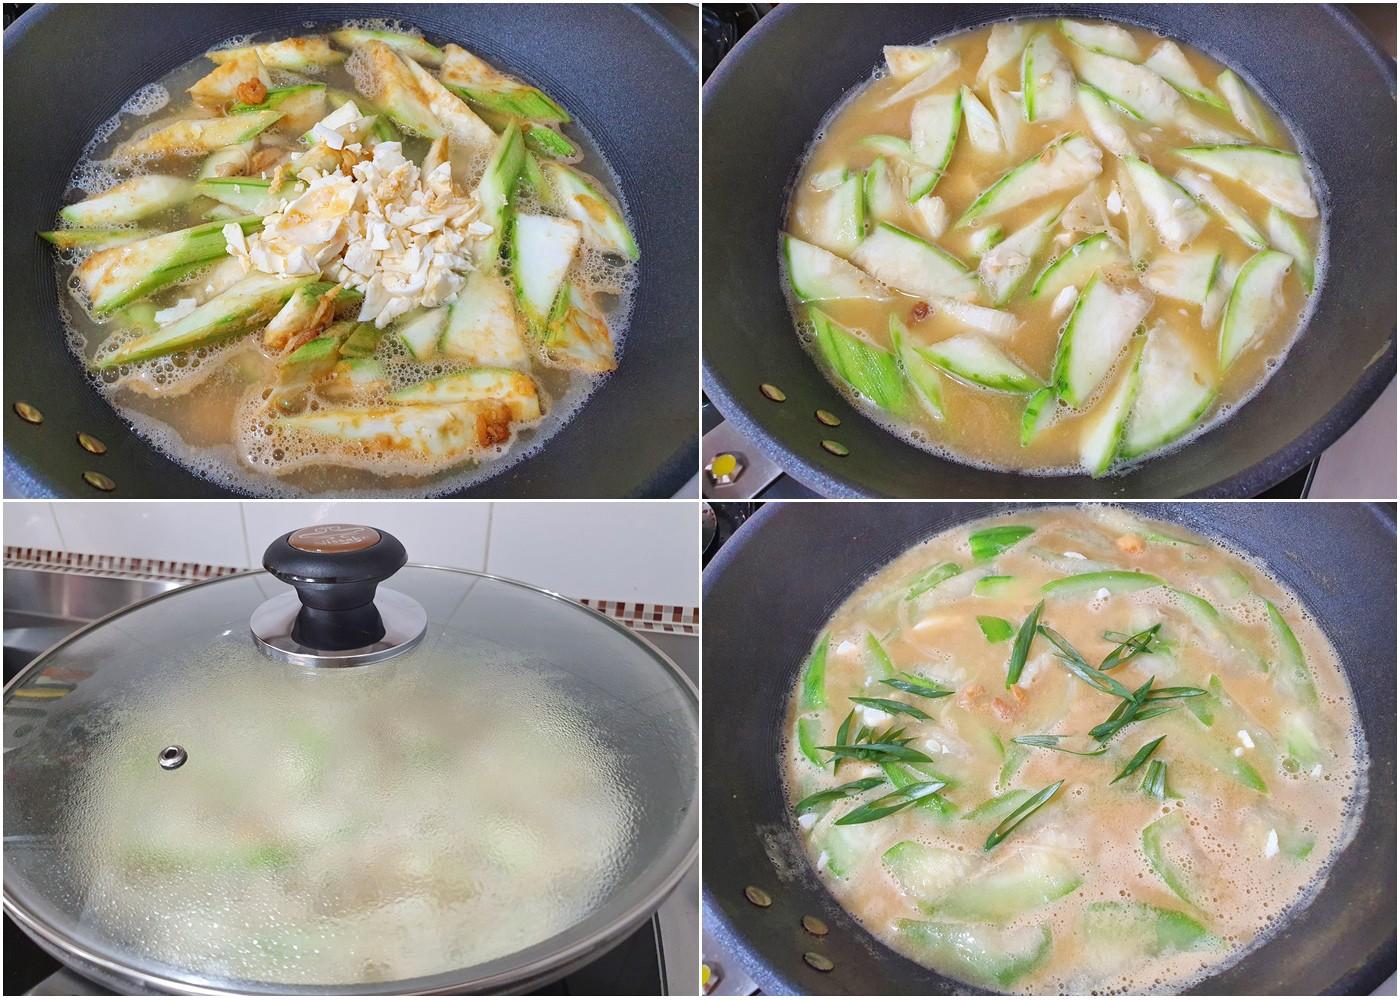 簡單食譜》金沙絲瓜麵線(鹹蛋絲瓜麵線)古早味湯頭好濃郁,30分鐘開飯了! - yukiblog.tw